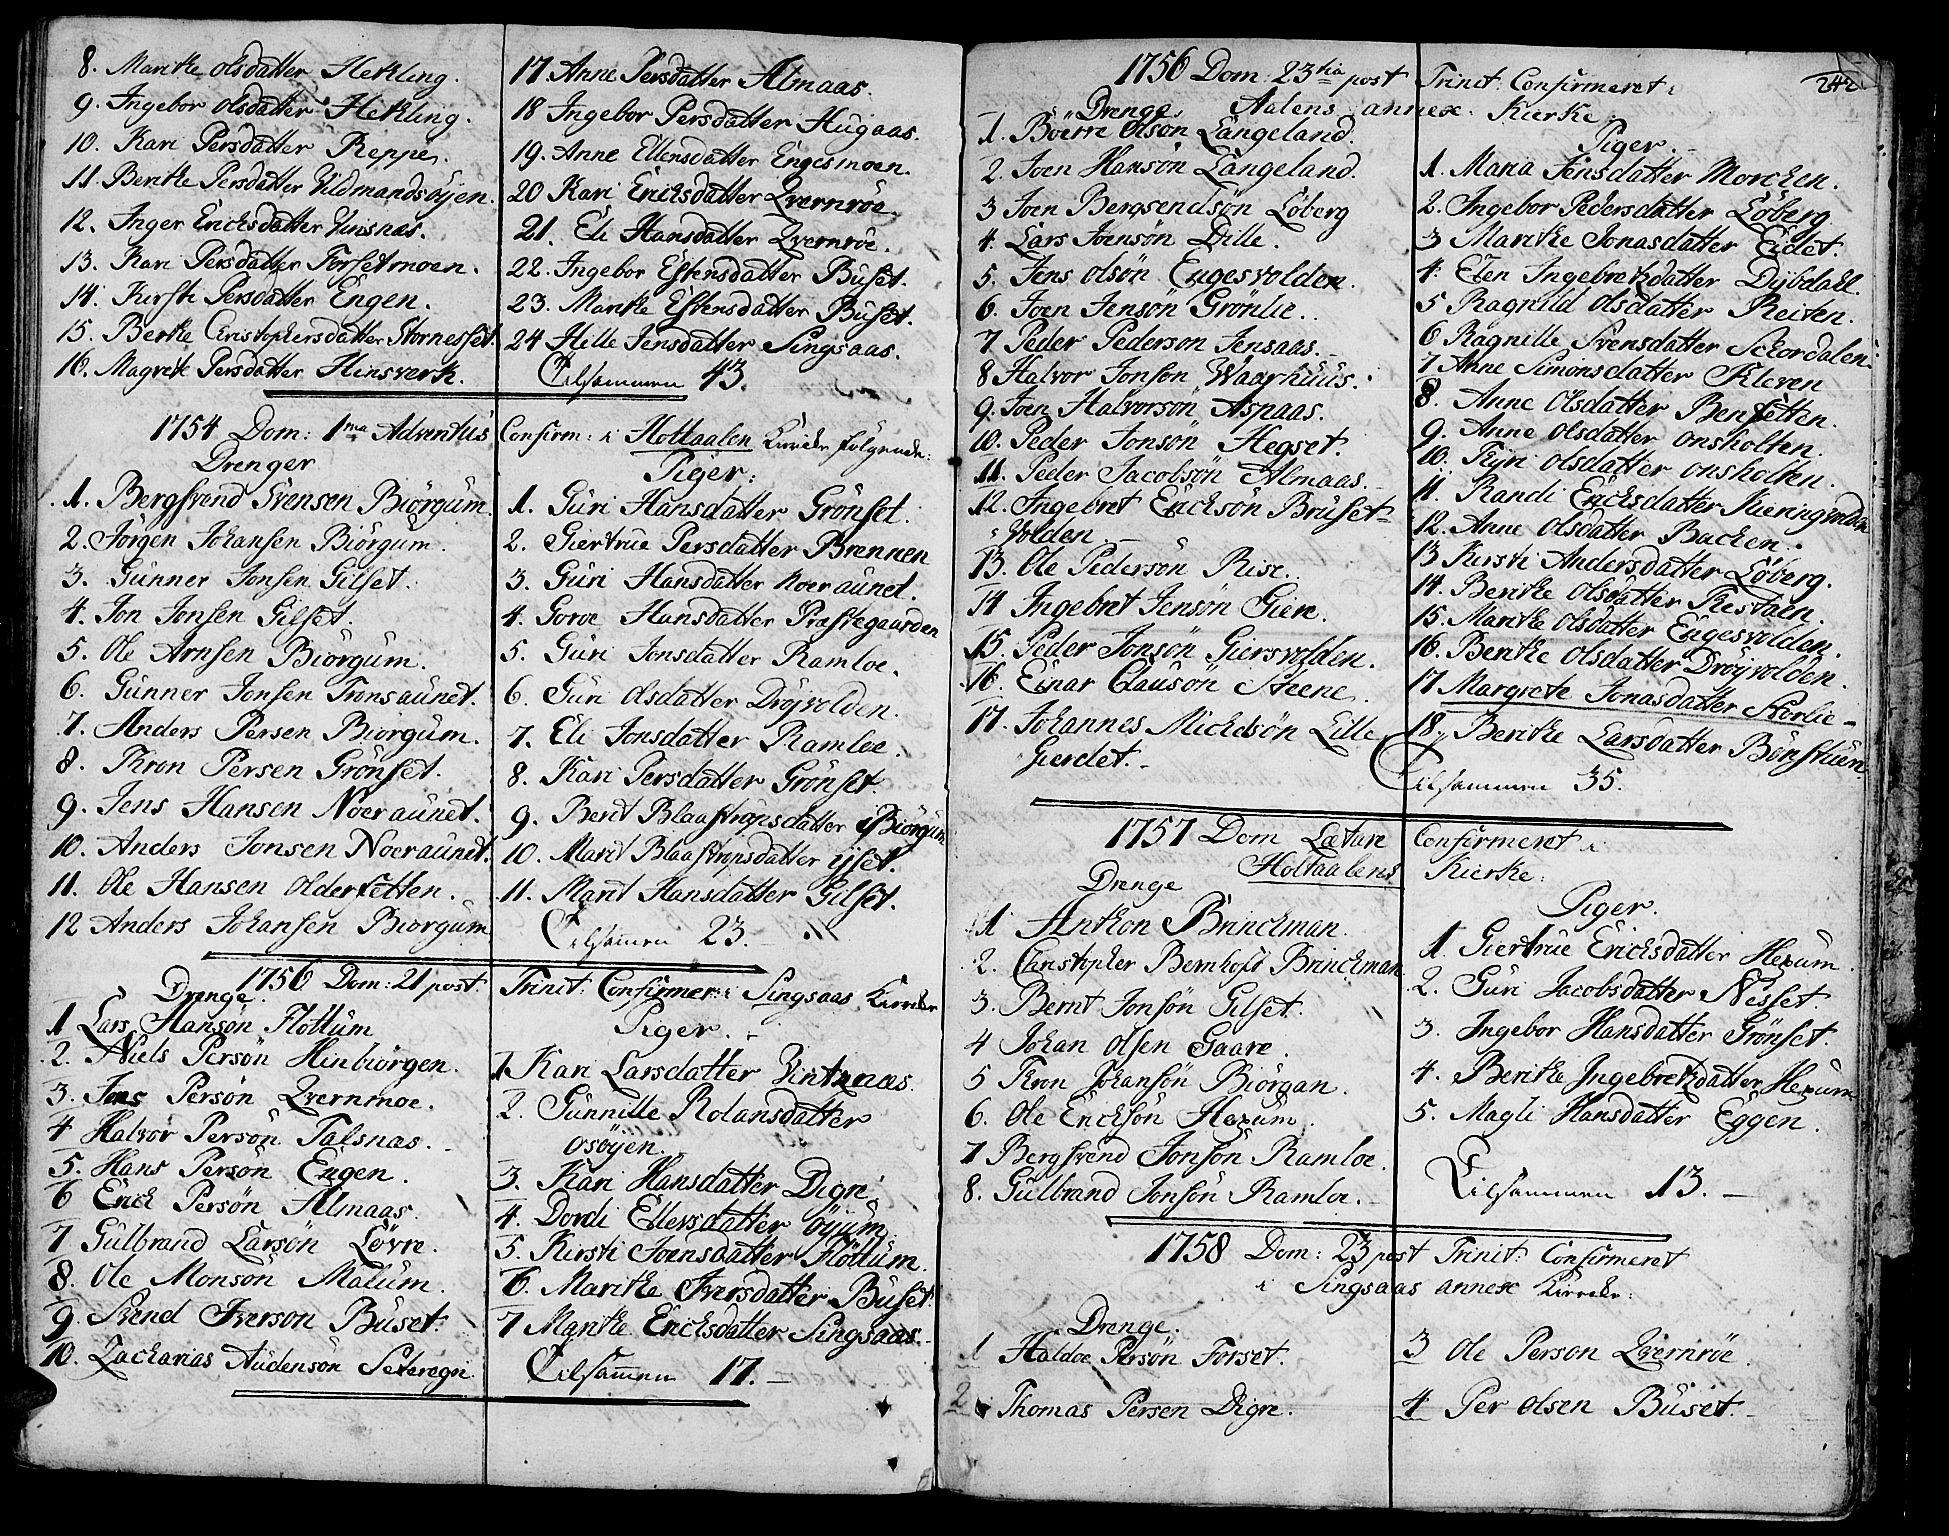 SAT, Ministerialprotokoller, klokkerbøker og fødselsregistre - Sør-Trøndelag, 685/L0952: Ministerialbok nr. 685A01, 1745-1804, s. 242